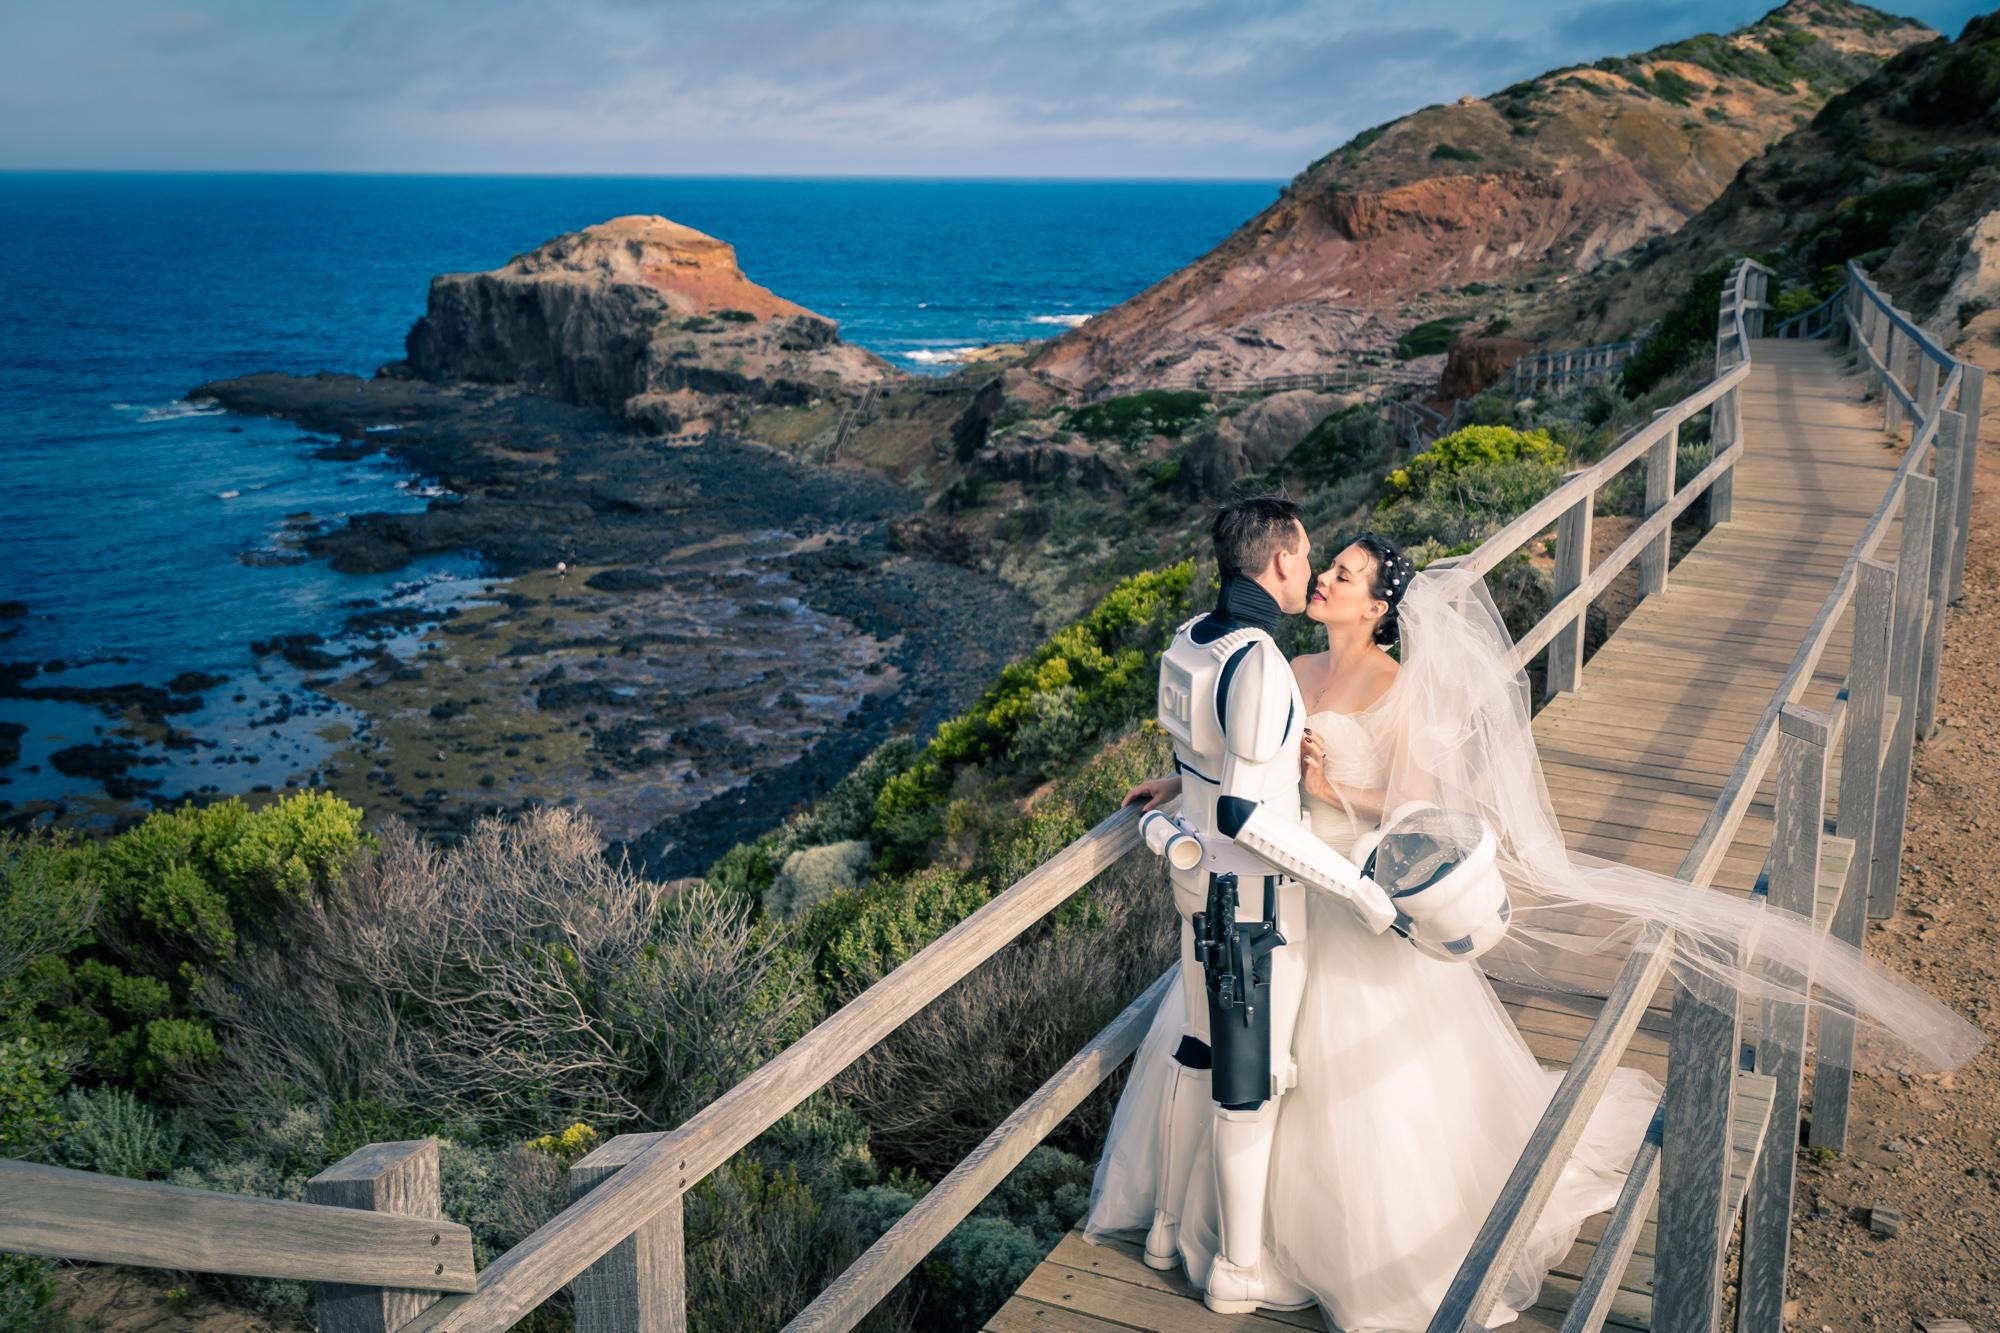 墨爾本婚紗攝影 Cape Schanck 山克角燈塔 Mornington Peninsula 摩寧頓半島